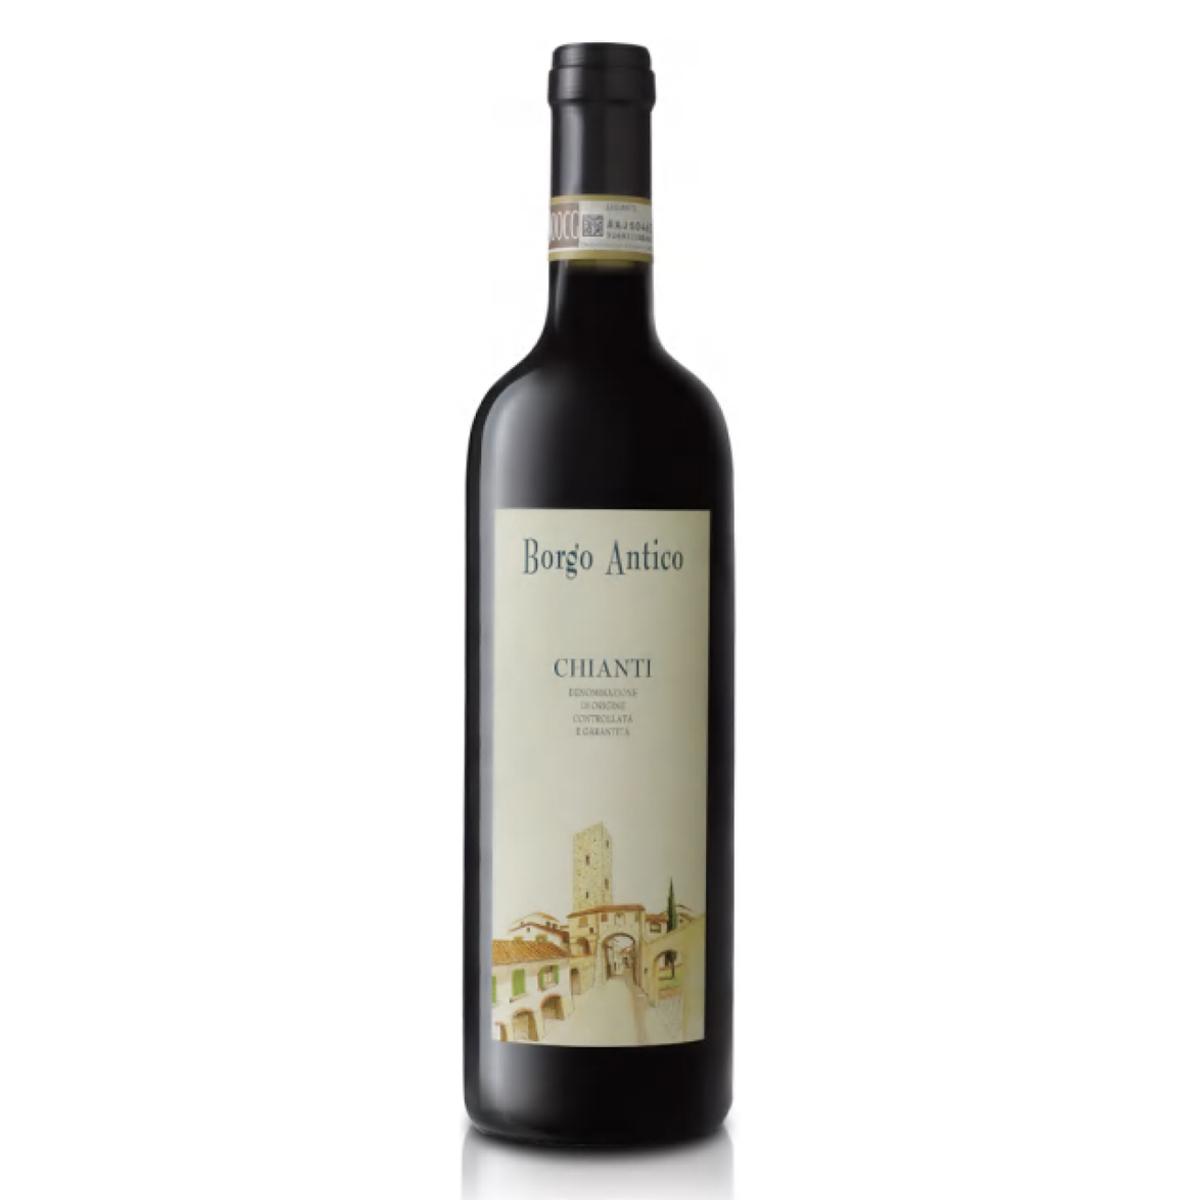 贝加莫基安蒂干红葡萄酒